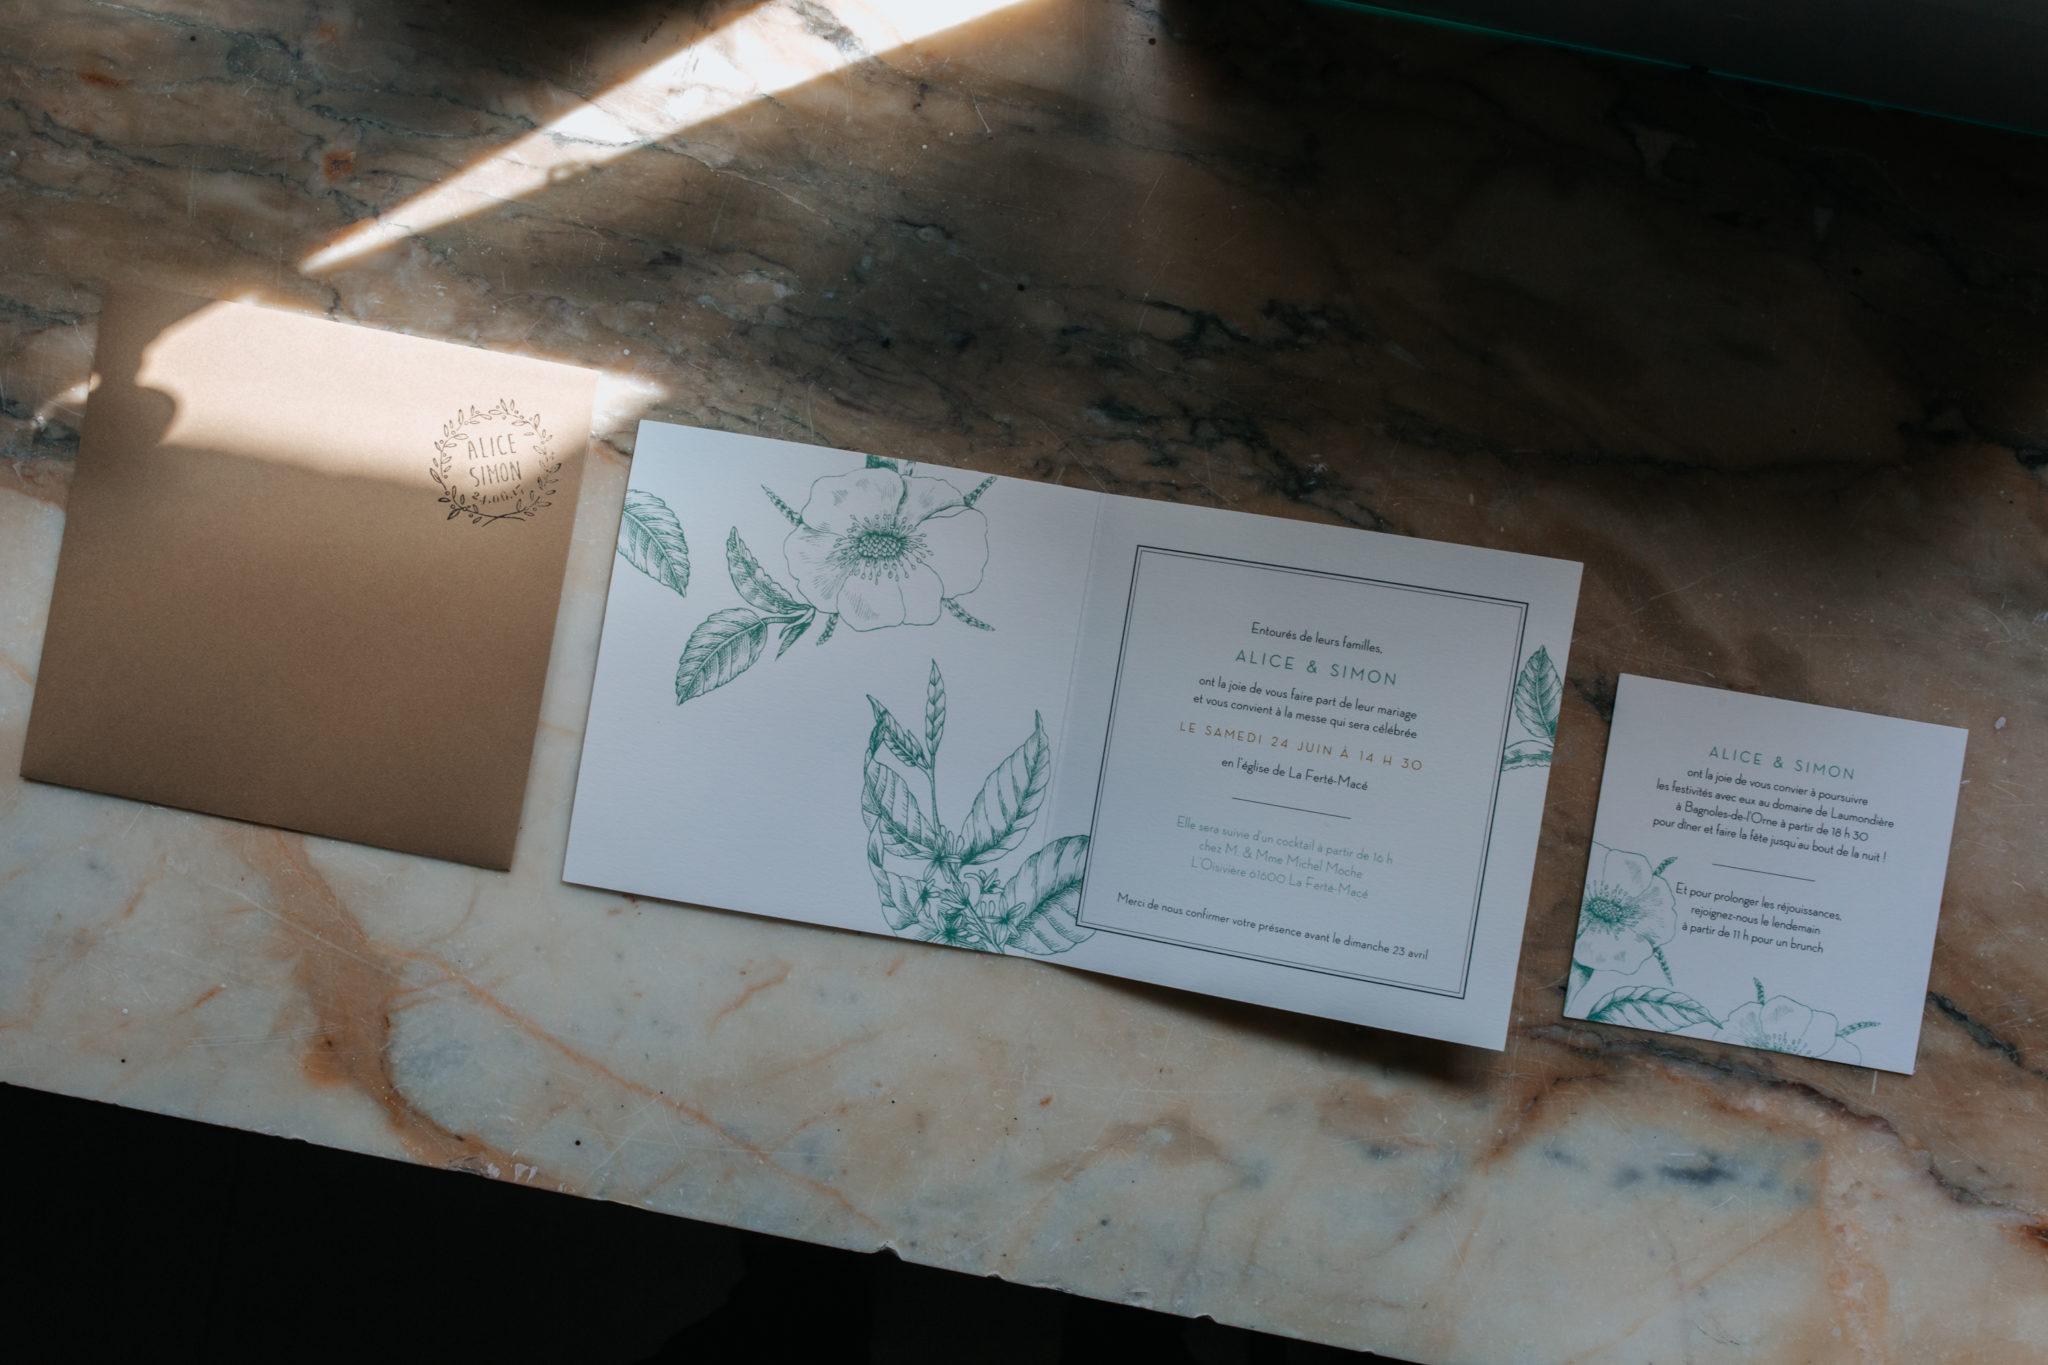 Faire part papeterie botanique kinfolk Domaine Laumondiere Bagnoles de l'Orne